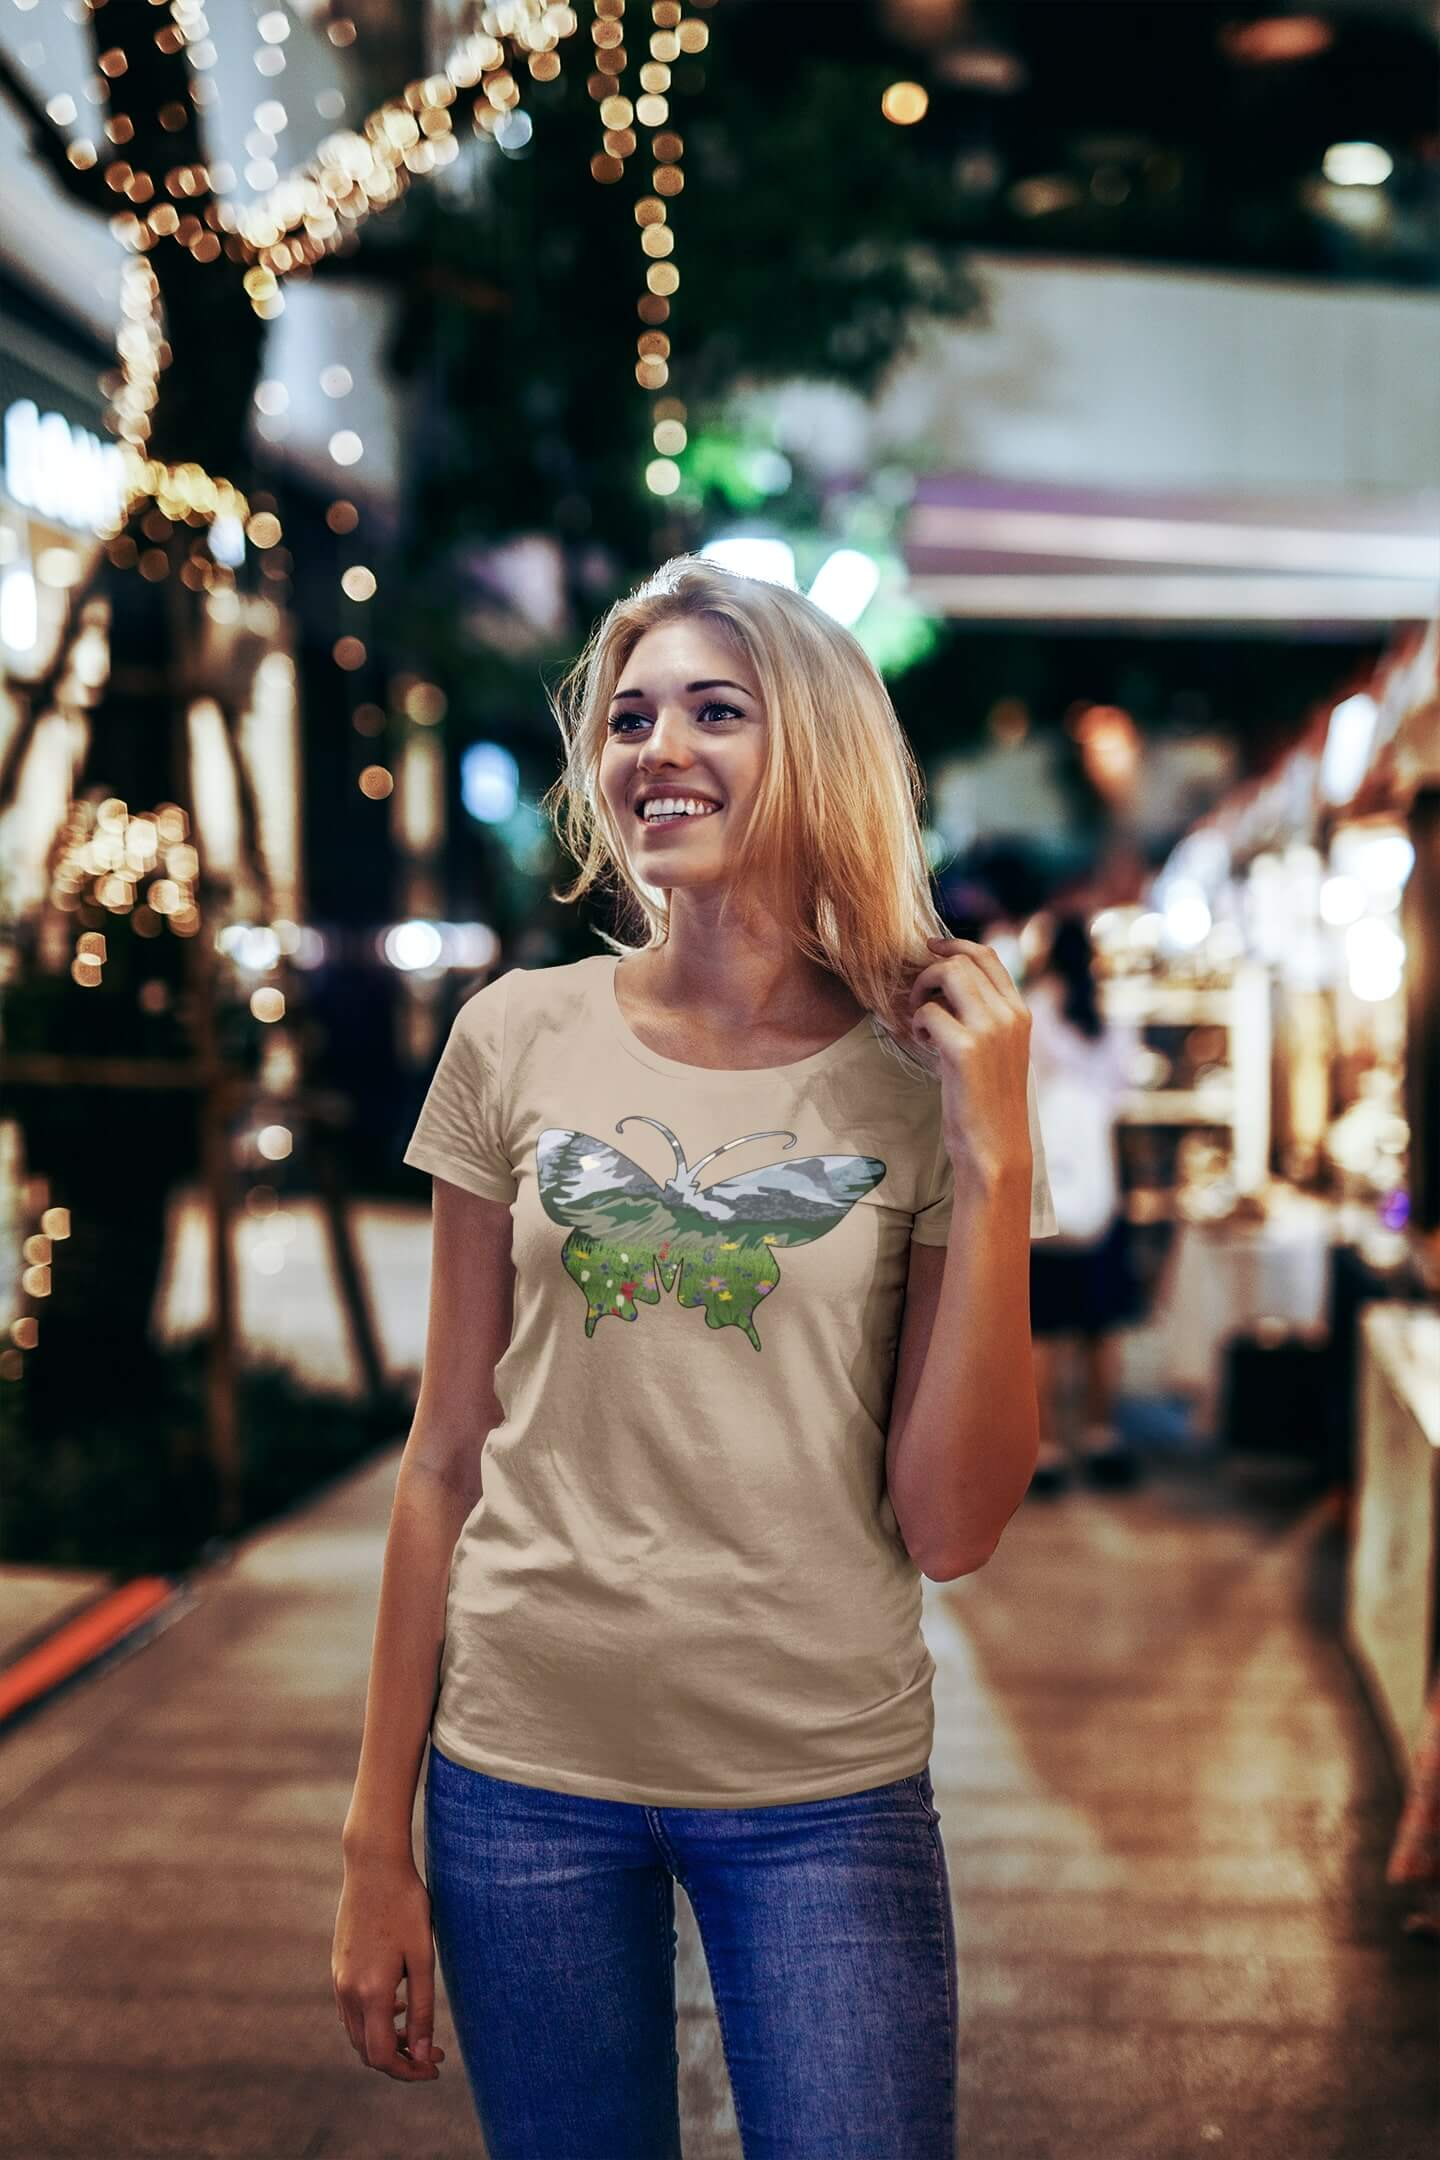 MMO Dámske tričko Motýľ Vyberte farbu: Piesková, Dámska veľkosť: S